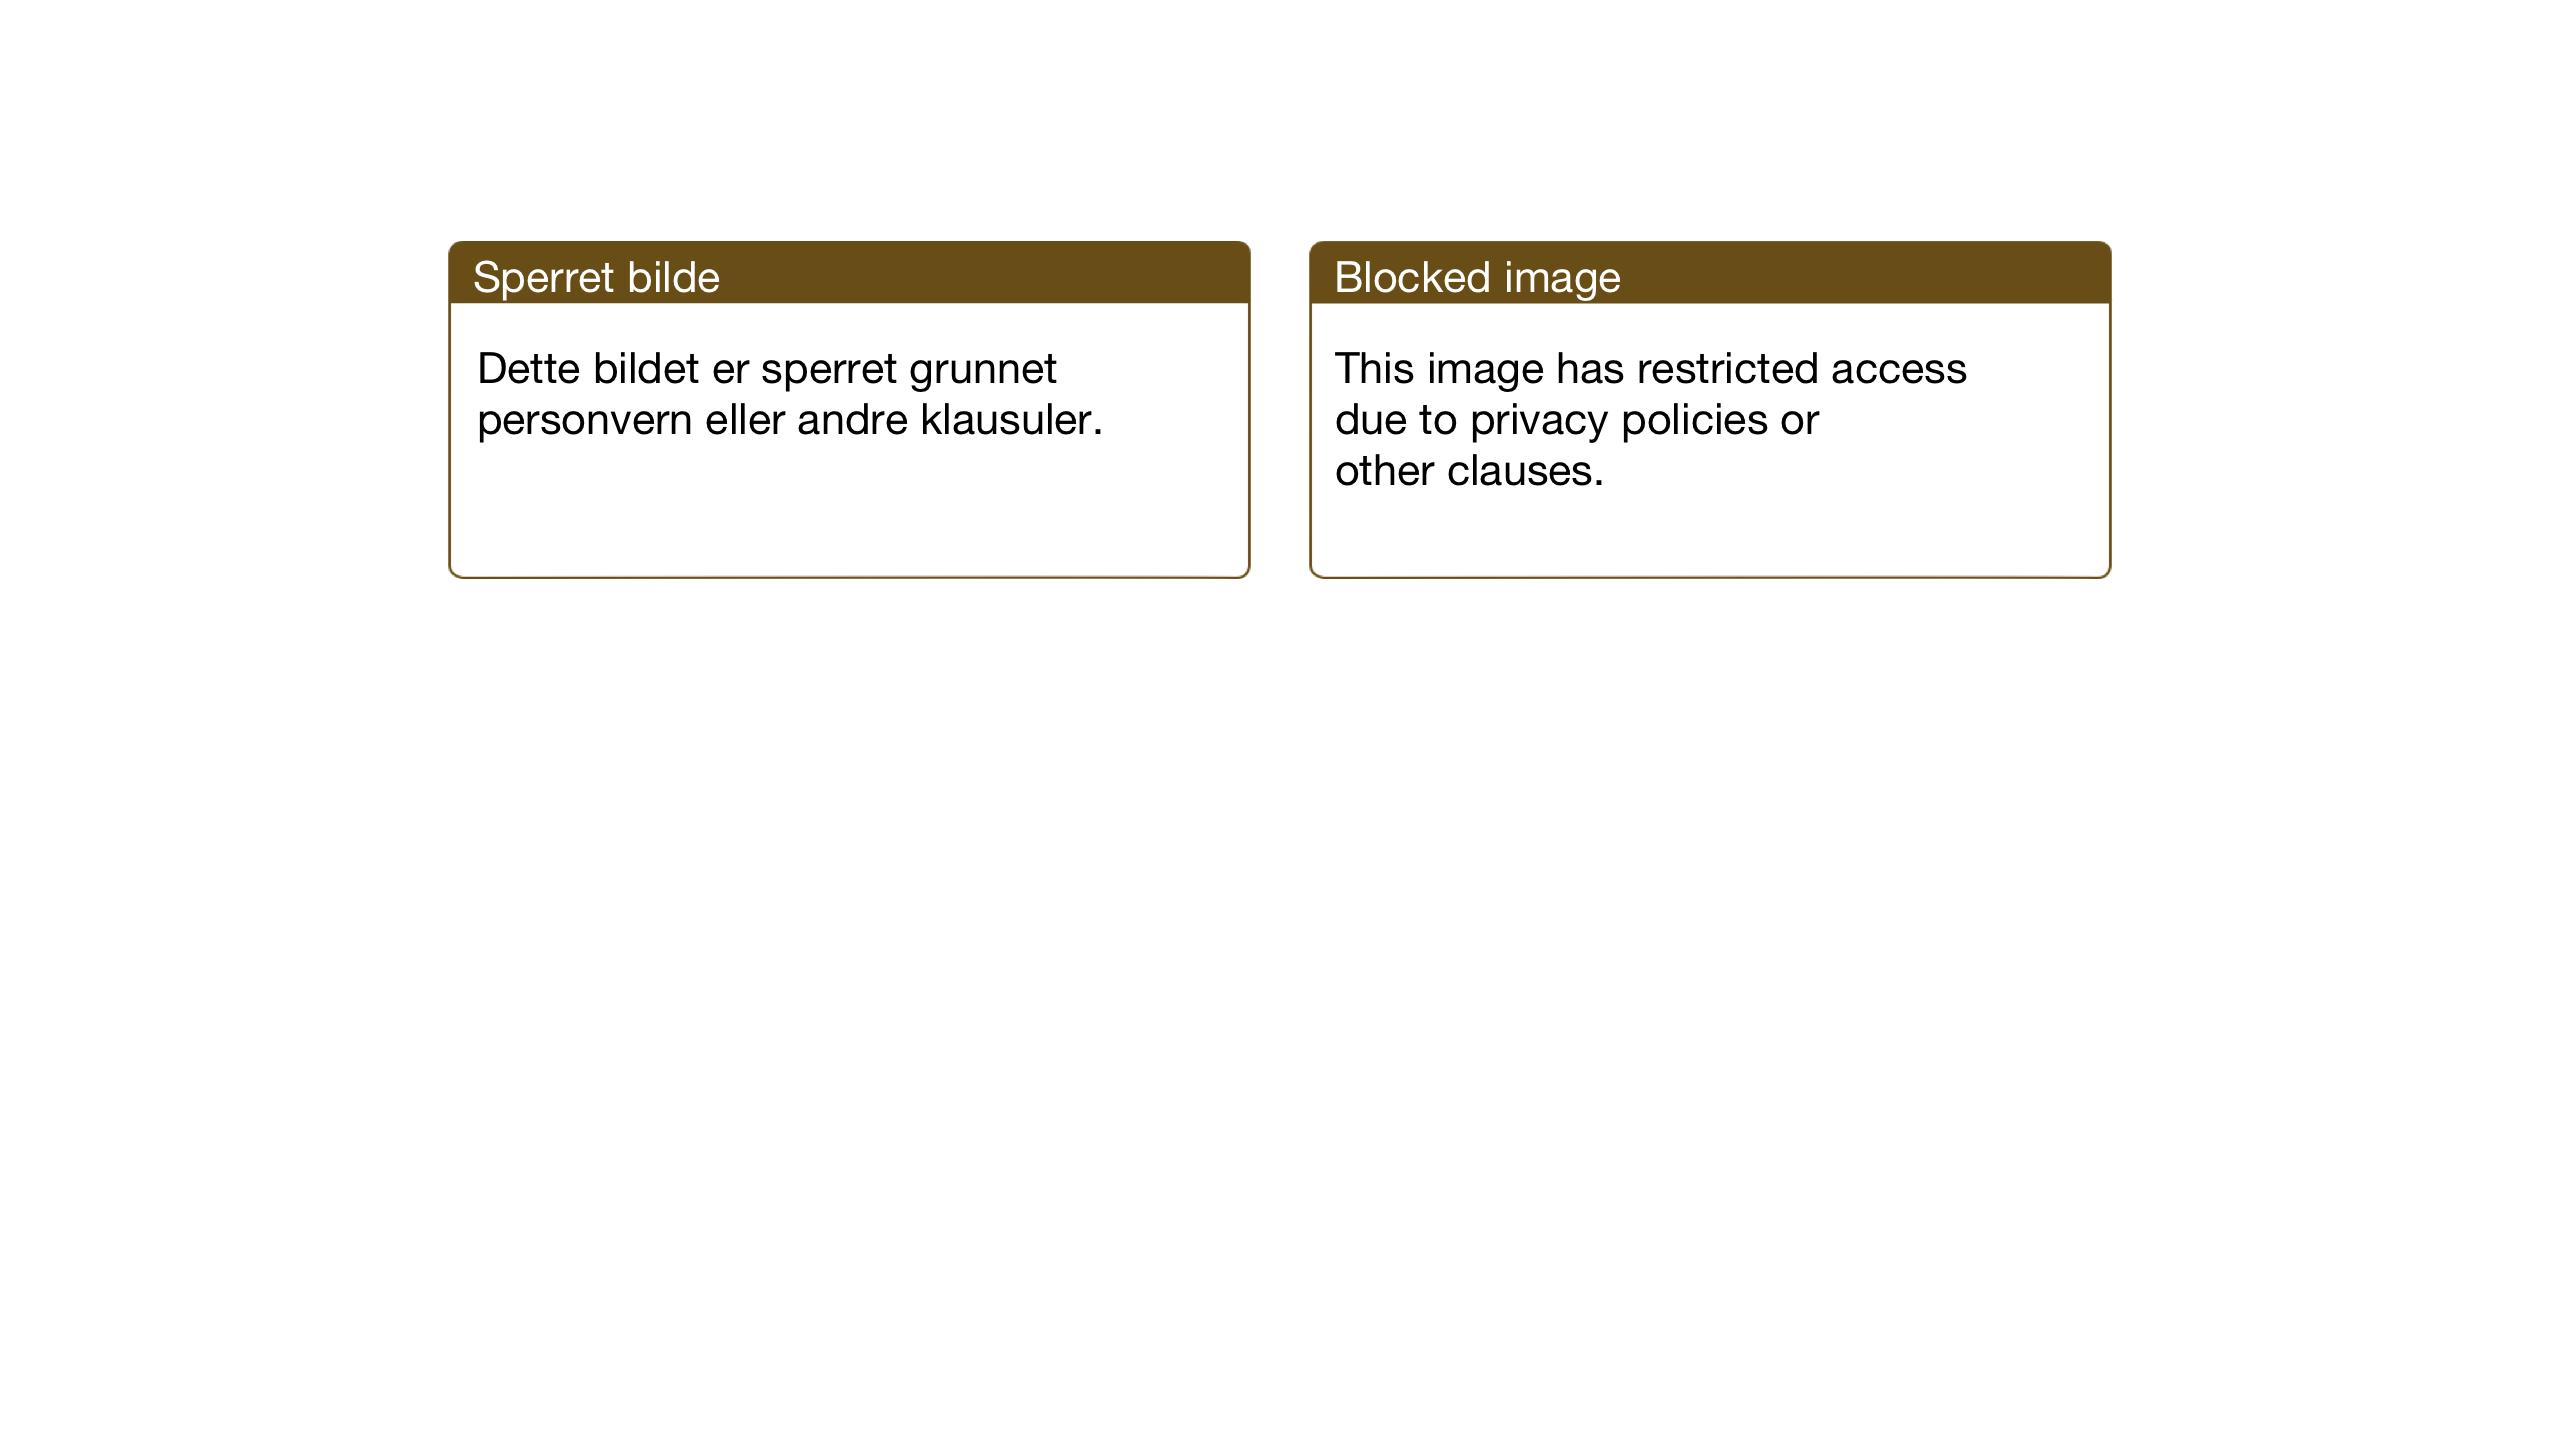 SAT, Ministerialprotokoller, klokkerbøker og fødselsregistre - Sør-Trøndelag, 698/L1169: Klokkerbok nr. 698C06, 1930-1949, s. 91